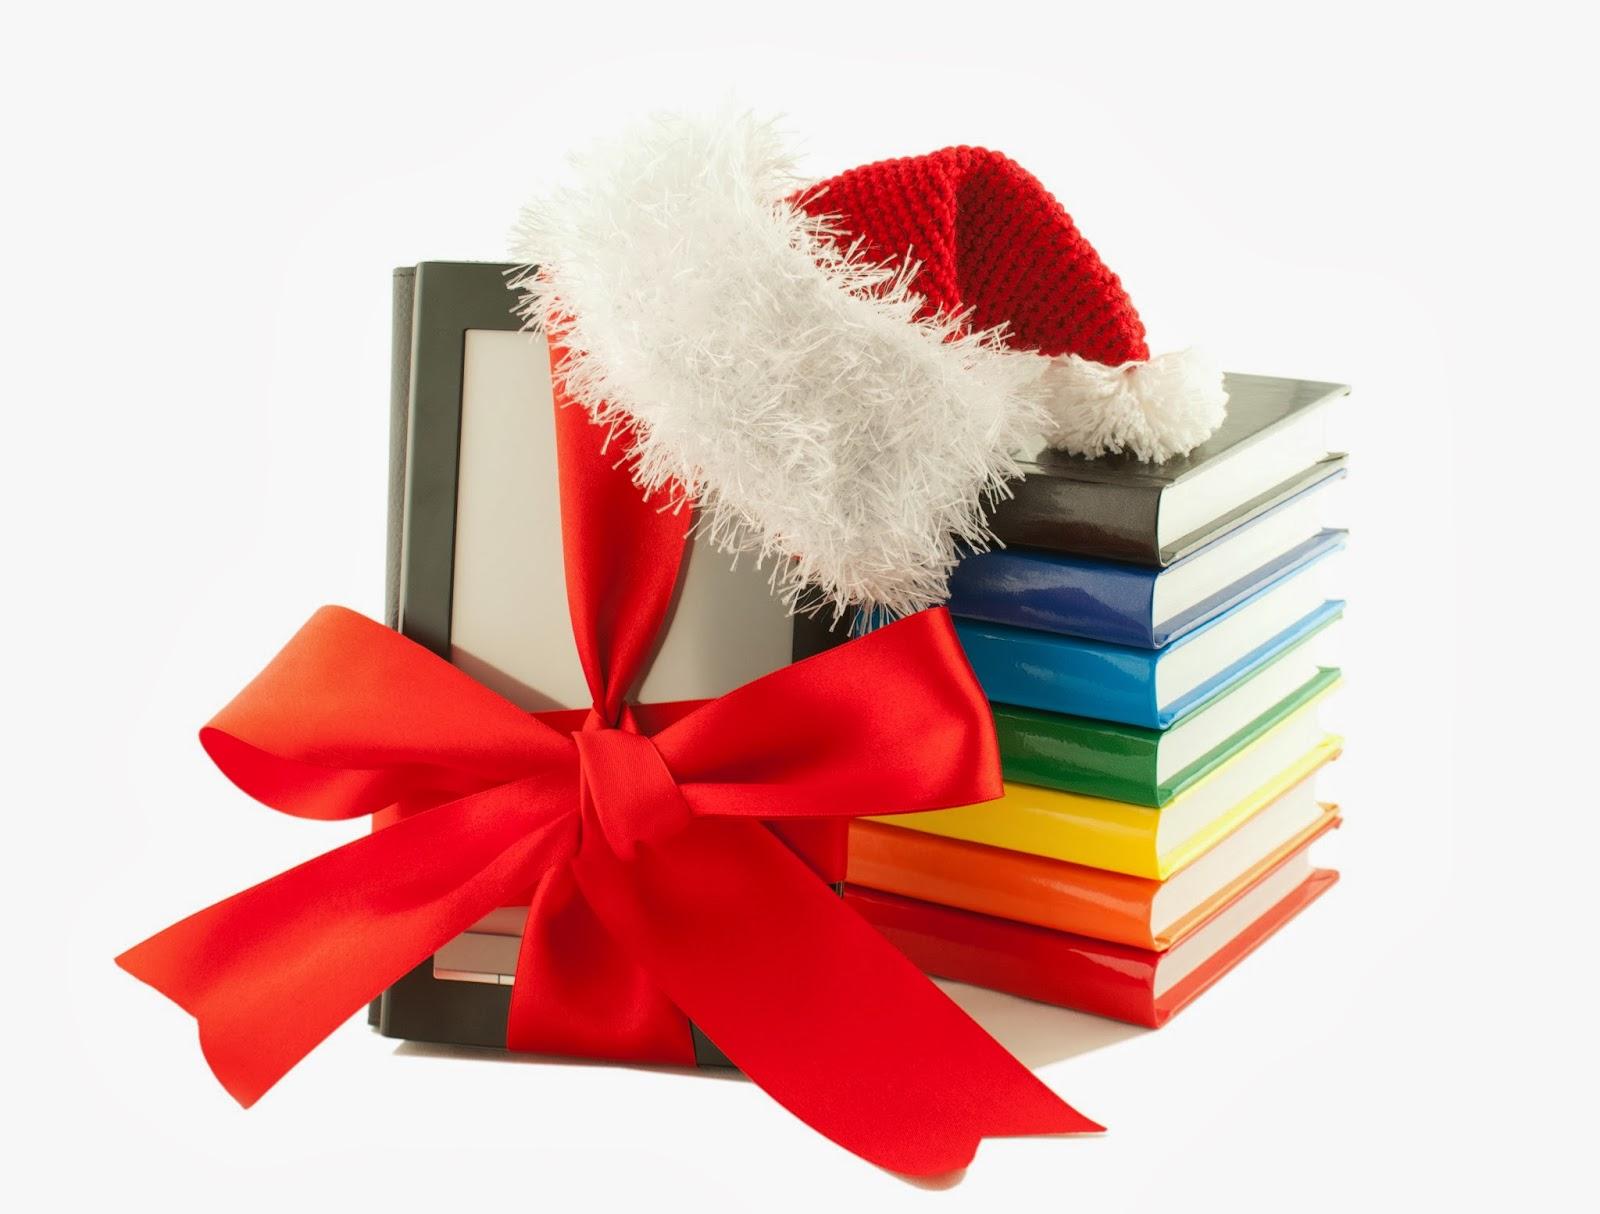 Papeler a librer a la nueva libros para leer y regalar - Regalos para pedir en navidad ...